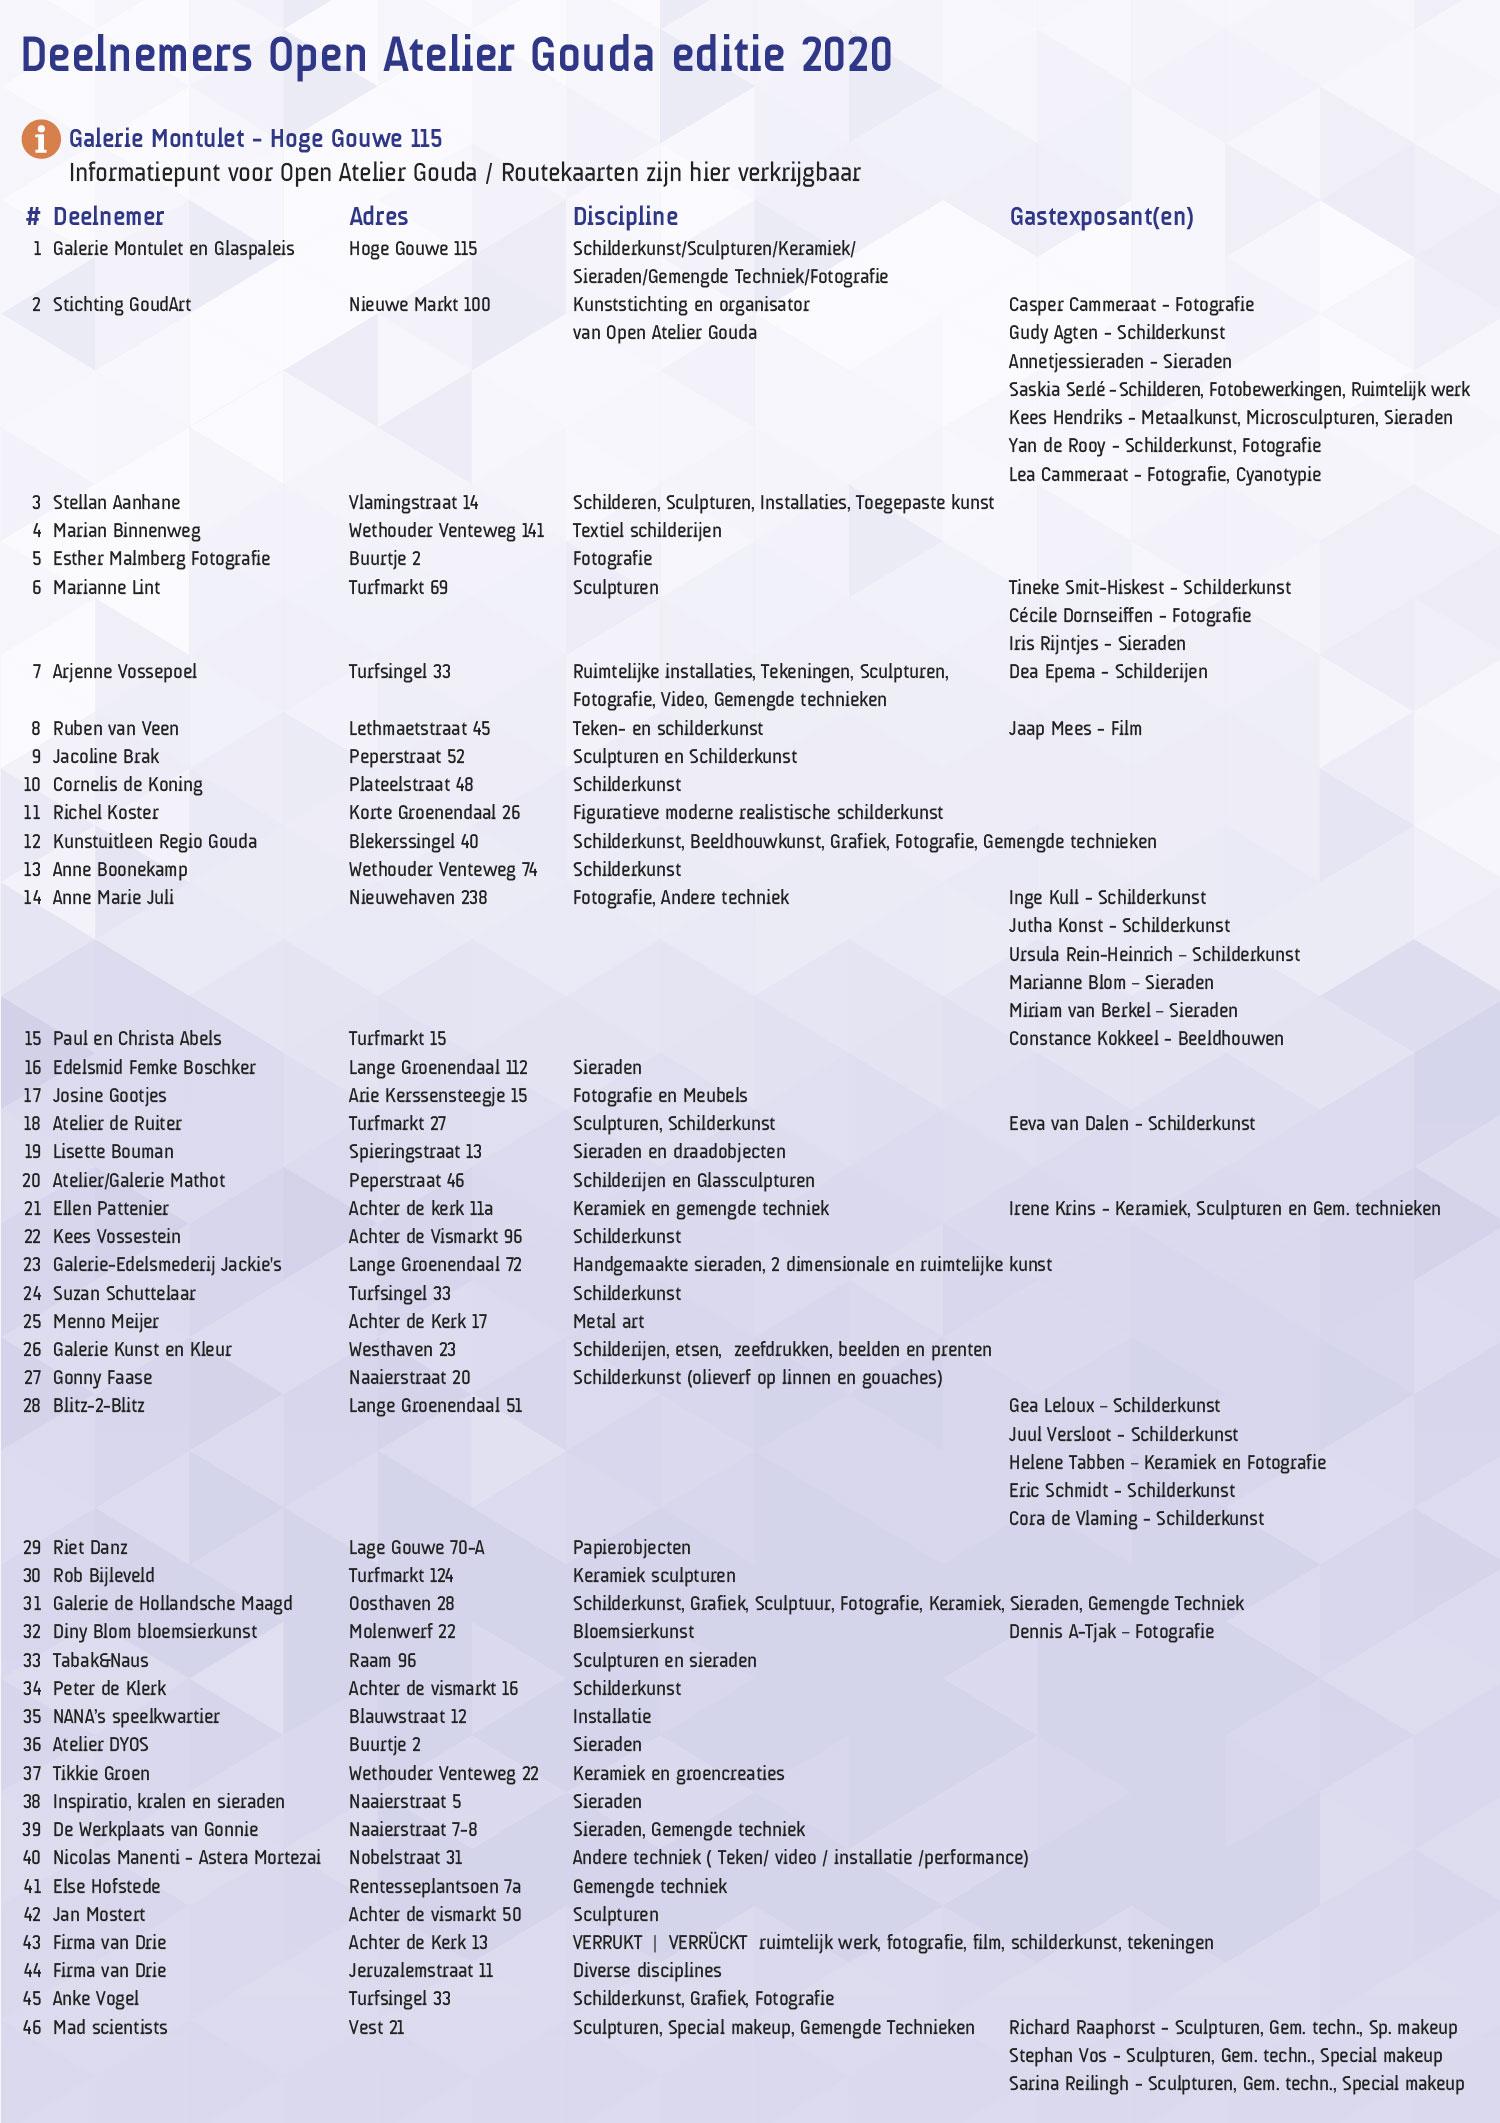 Info OA_2020-deelnemers